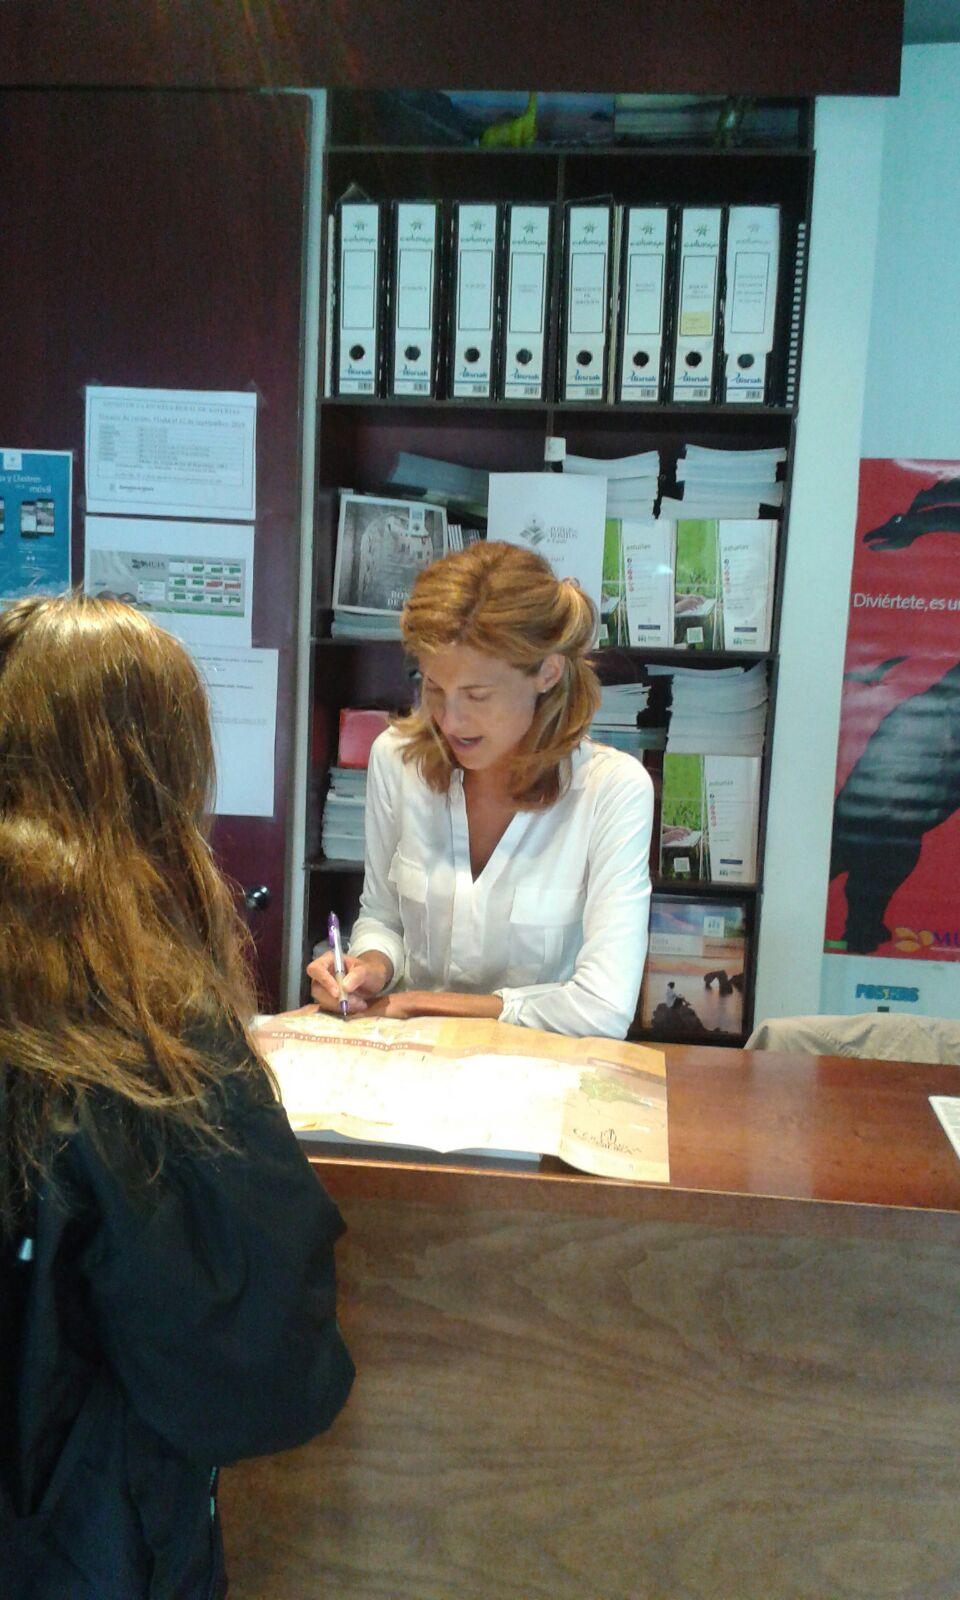 Desi m b espectaculares resultados tur sticos s santa - Oficina de empleo asturias ...